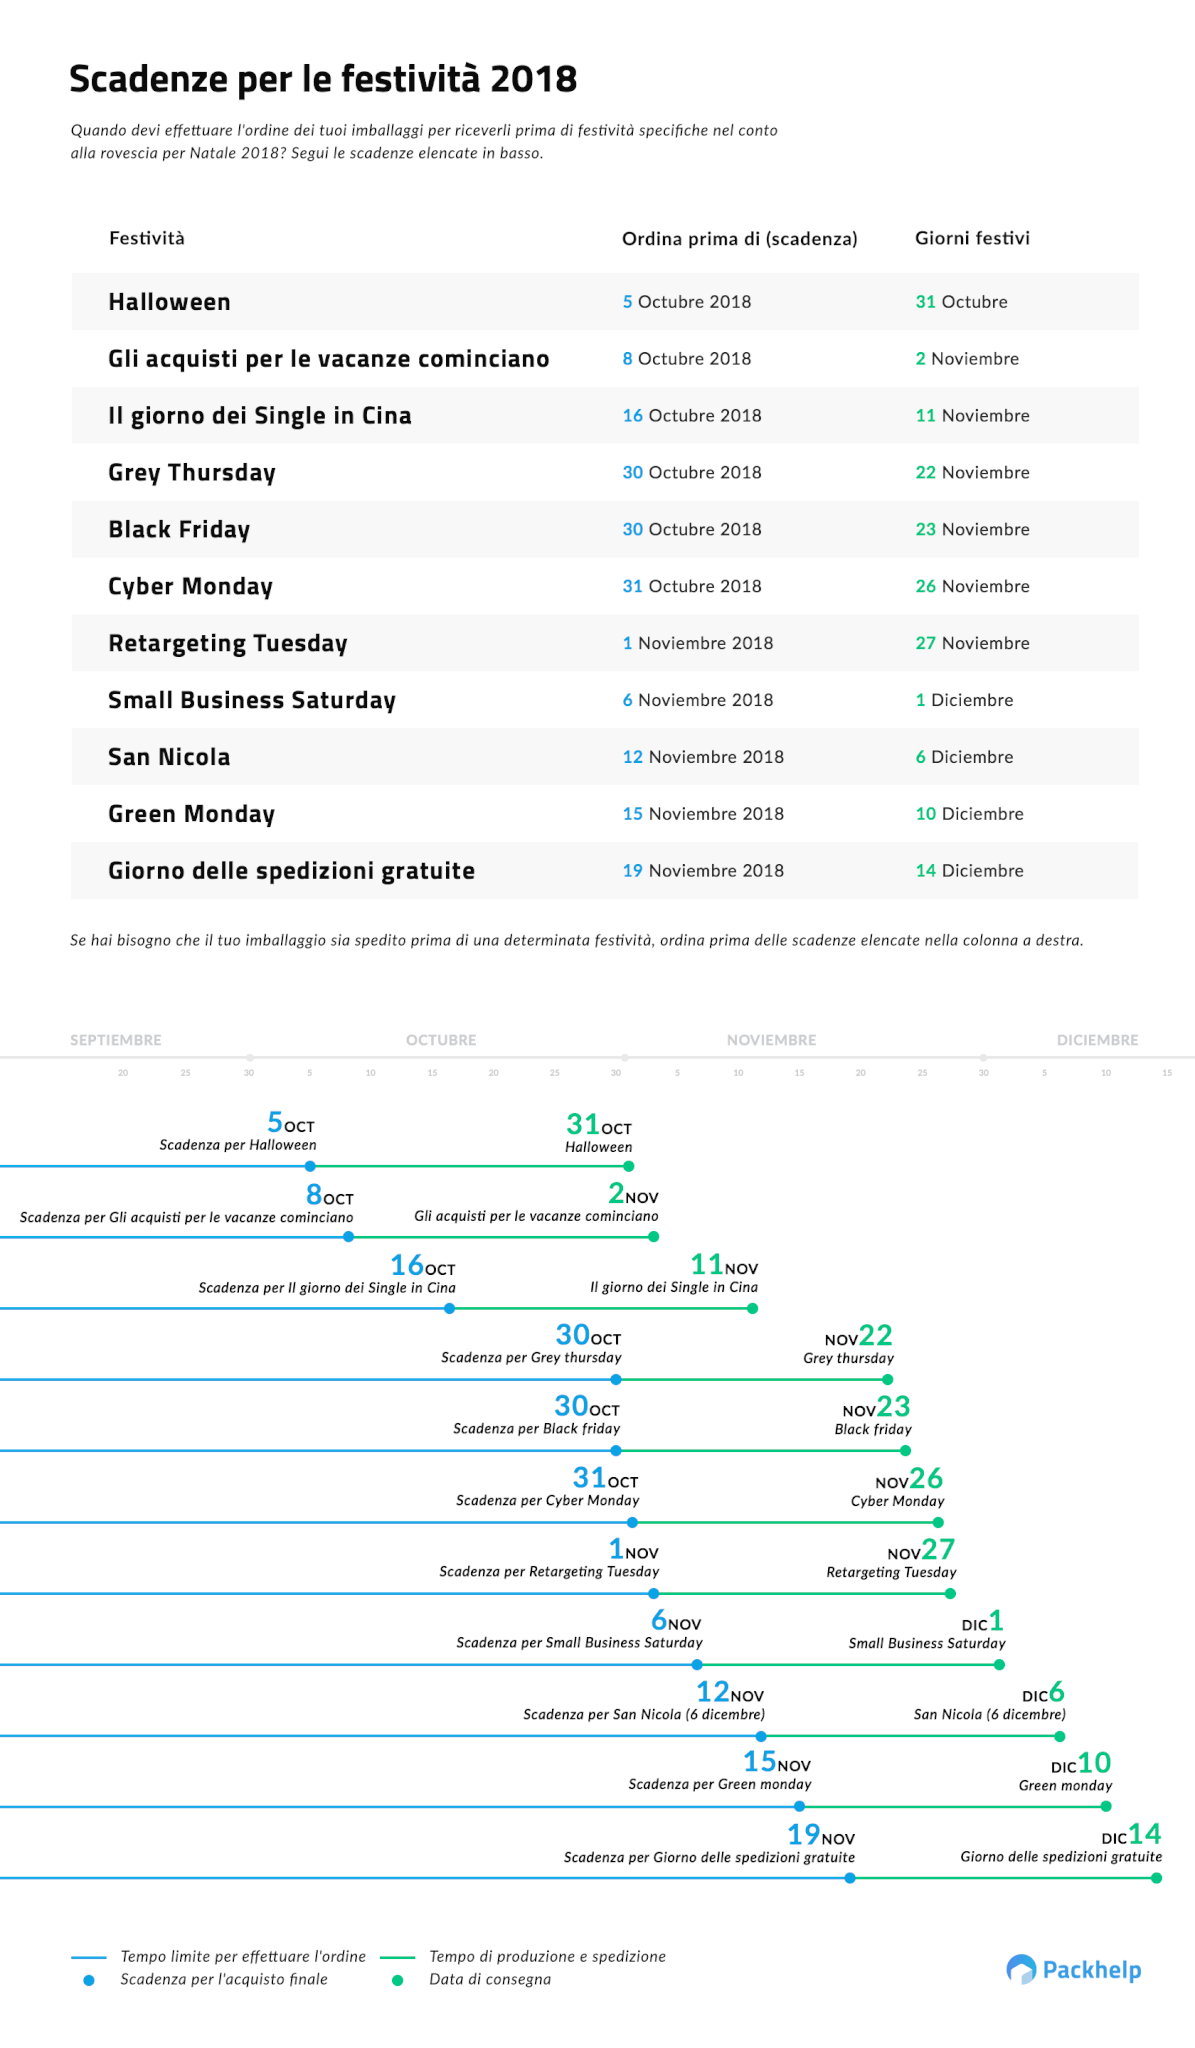 Scadenze eCommerce per le festività 2018